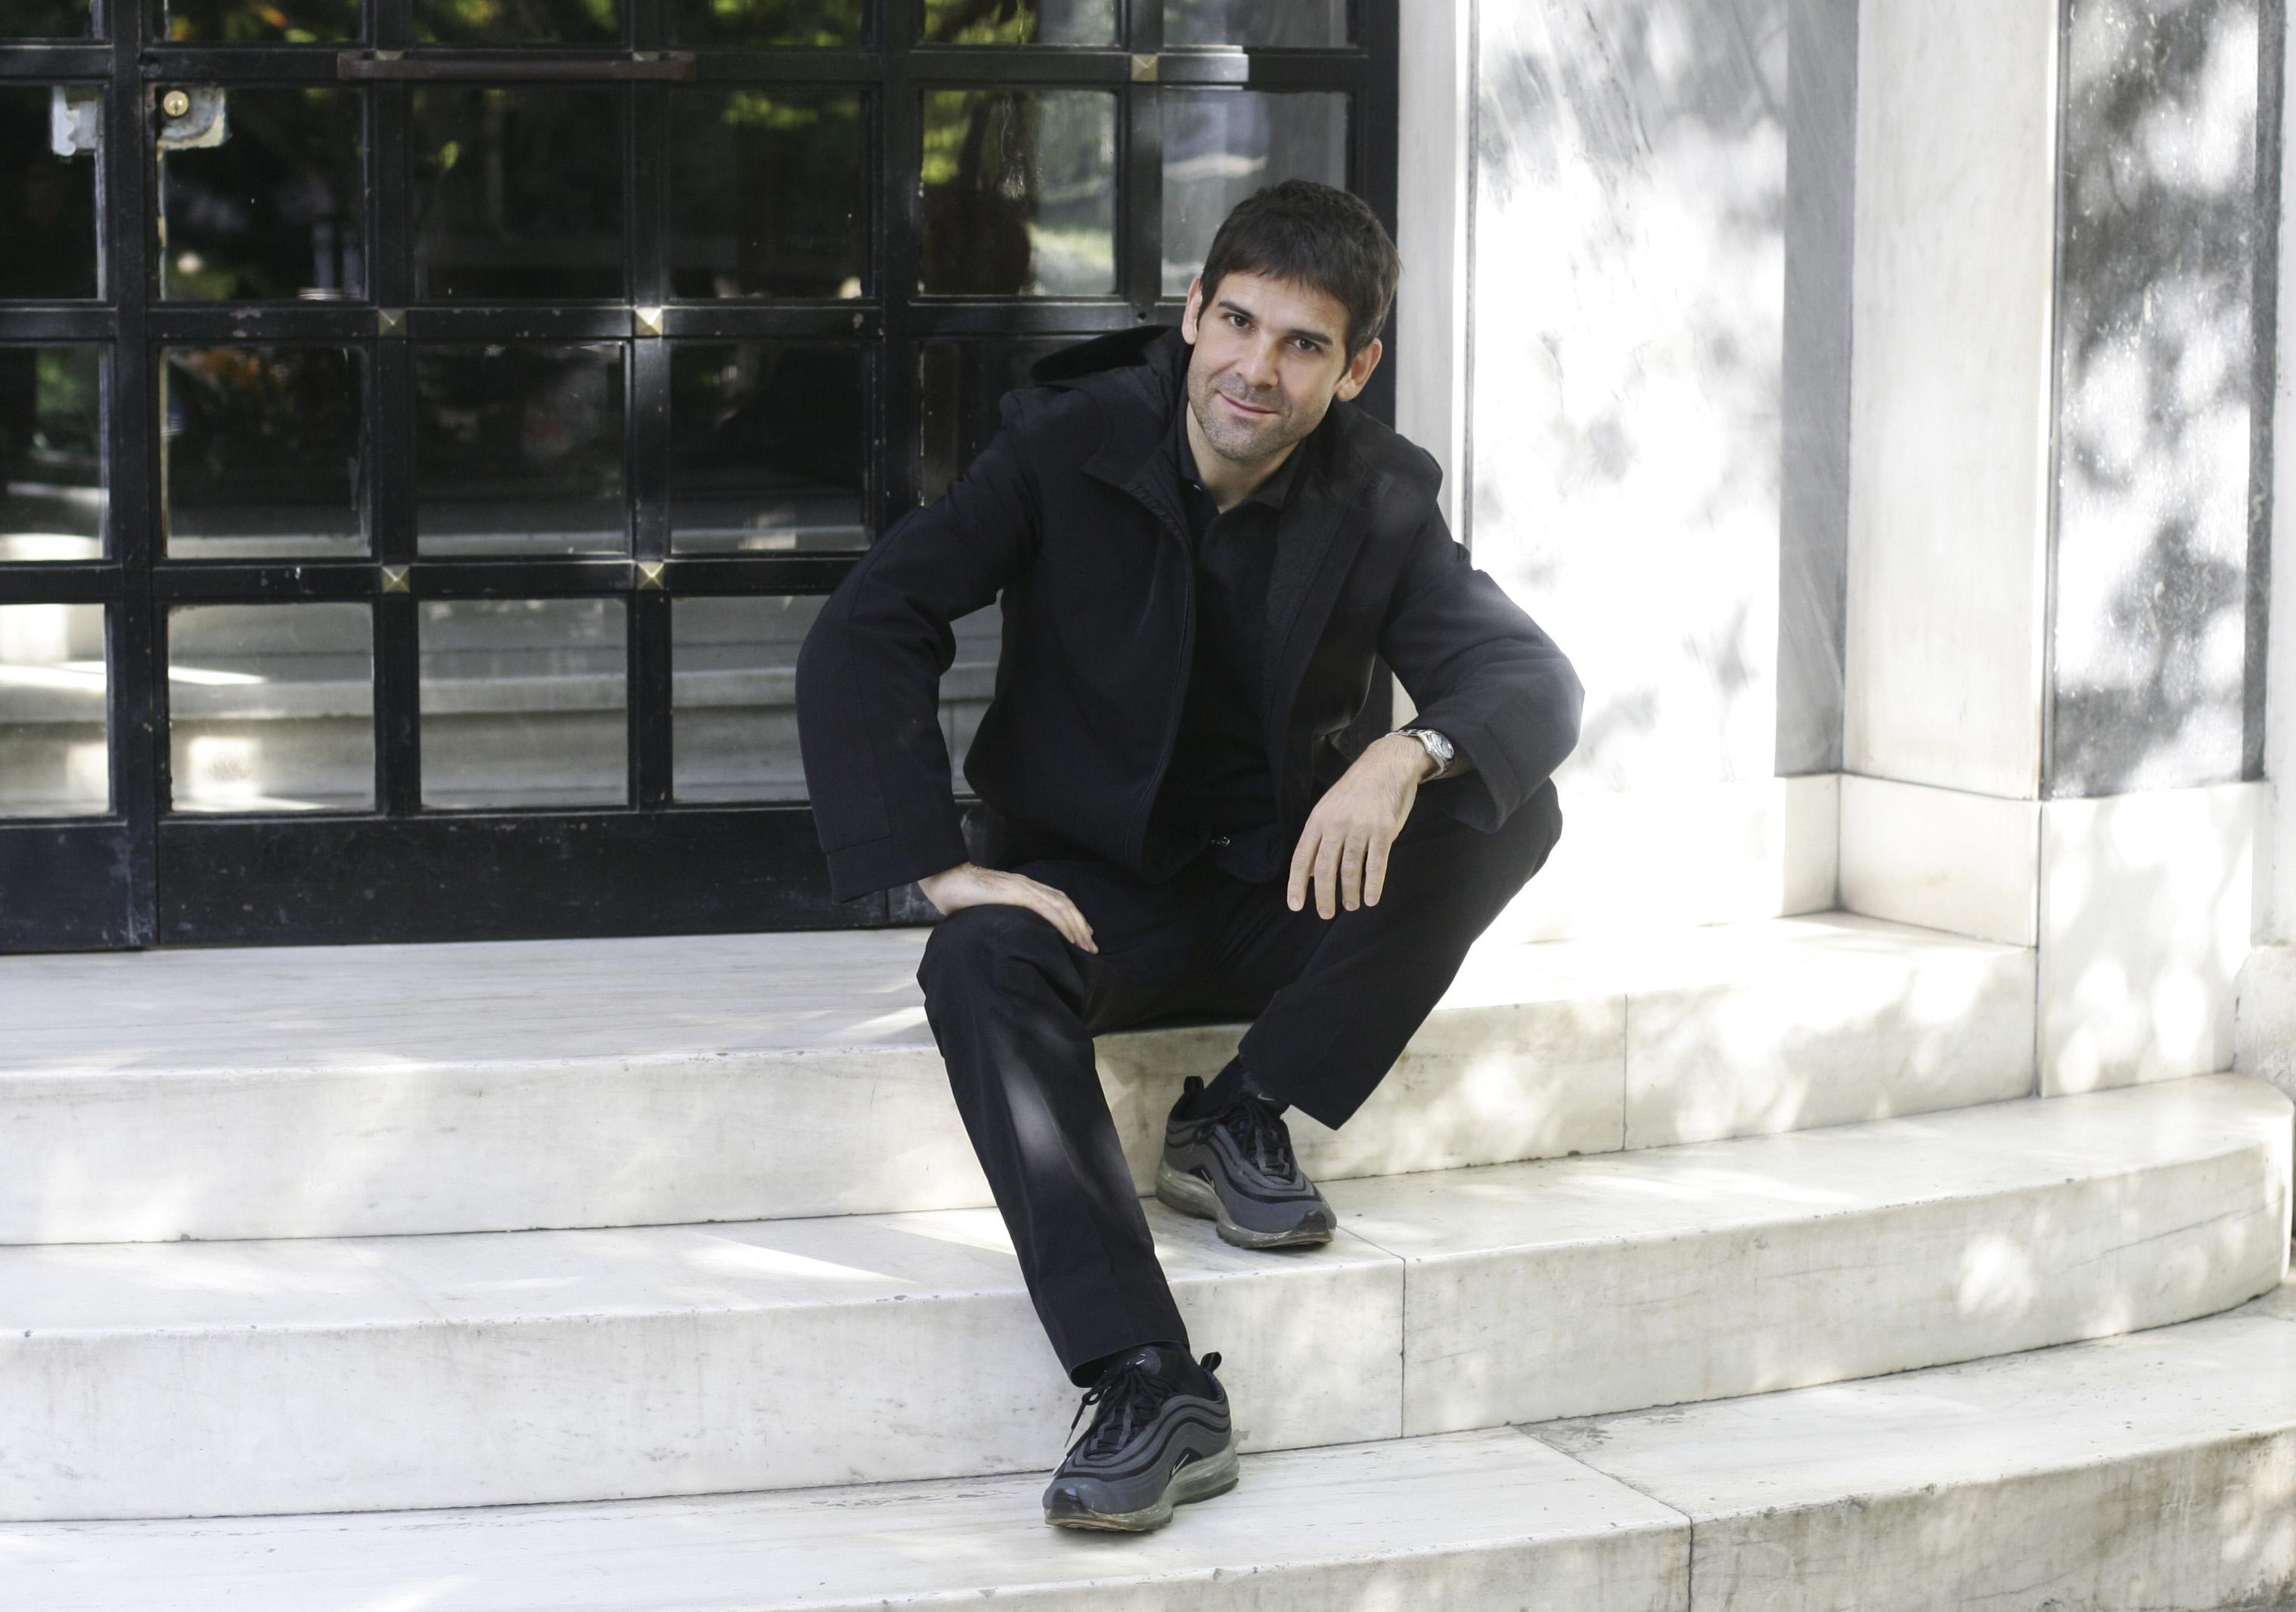 Ο σκηνοθέτης Μενέλαος Καραμαγγιώλης. Φωτογραφία: Νίκος Κοκκαλιάς